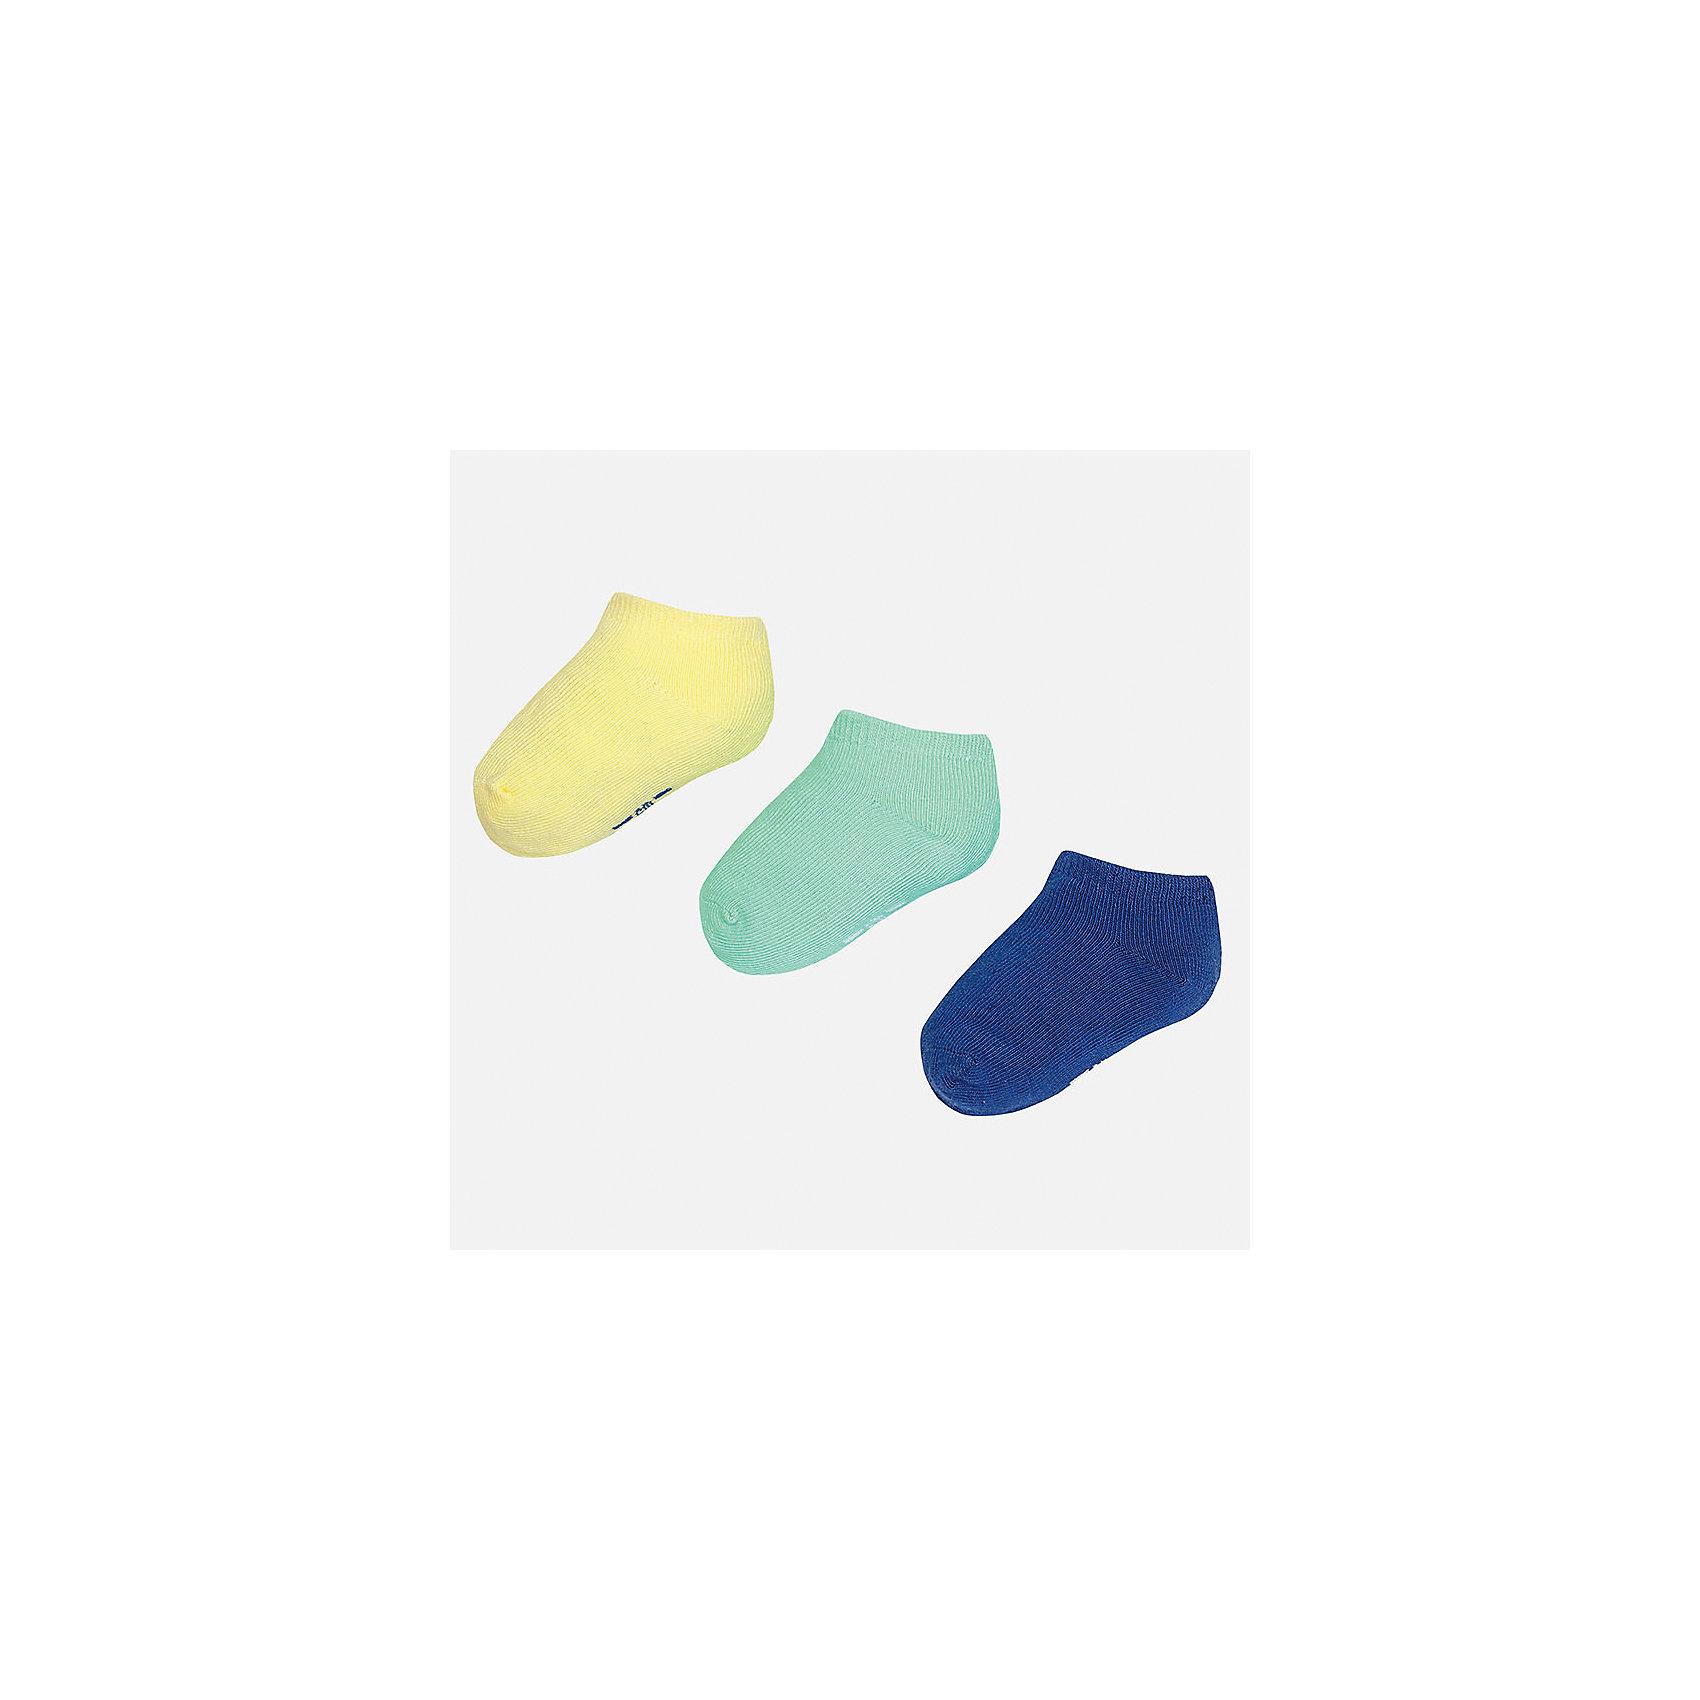 Носки для мальчика MayoralНоски<br>Характеристики товара:<br><br>• цвет: жёлтый/зелёный/синий<br>• состав: 72% хлопок, 25% полиамид, 3% эластан<br>• комплектация: три пары<br>• мягкая резинка<br>• эластичный материал<br>• однотонные<br>• страна бренда: Испания<br><br>Удобные симпатичные носки для мальчика помогут обеспечить ребенку комфорт и дополнить наряд. Универсальный цвет позволяет надевать их под обувь разных расцветок. Носки удобно сидят на ноге и аккуратно смотрятся. Этот комплект - практичный и красивый! В составе материала - натуральный хлопок, гипоаллергенный, приятный на ощупь, дышащий. <br><br>Одежда, обувь и аксессуары от испанского бренда Mayoral полюбились детям и взрослым по всему миру. Модели этой марки - стильные и удобные. Для их производства используются только безопасные, качественные материалы и фурнитура. Порадуйте ребенка модными и красивыми вещами от Mayoral! <br><br>Носки (3 пары) для мальчика от испанского бренда Mayoral (Майорал) можно купить в нашем интернет-магазине.<br><br>Ширина мм: 87<br>Глубина мм: 10<br>Высота мм: 105<br>Вес г: 115<br>Цвет: разноцветный<br>Возраст от месяцев: 6<br>Возраст до месяцев: 12<br>Пол: Мужской<br>Возраст: Детский<br>Размер: 1,2<br>SKU: 5294244